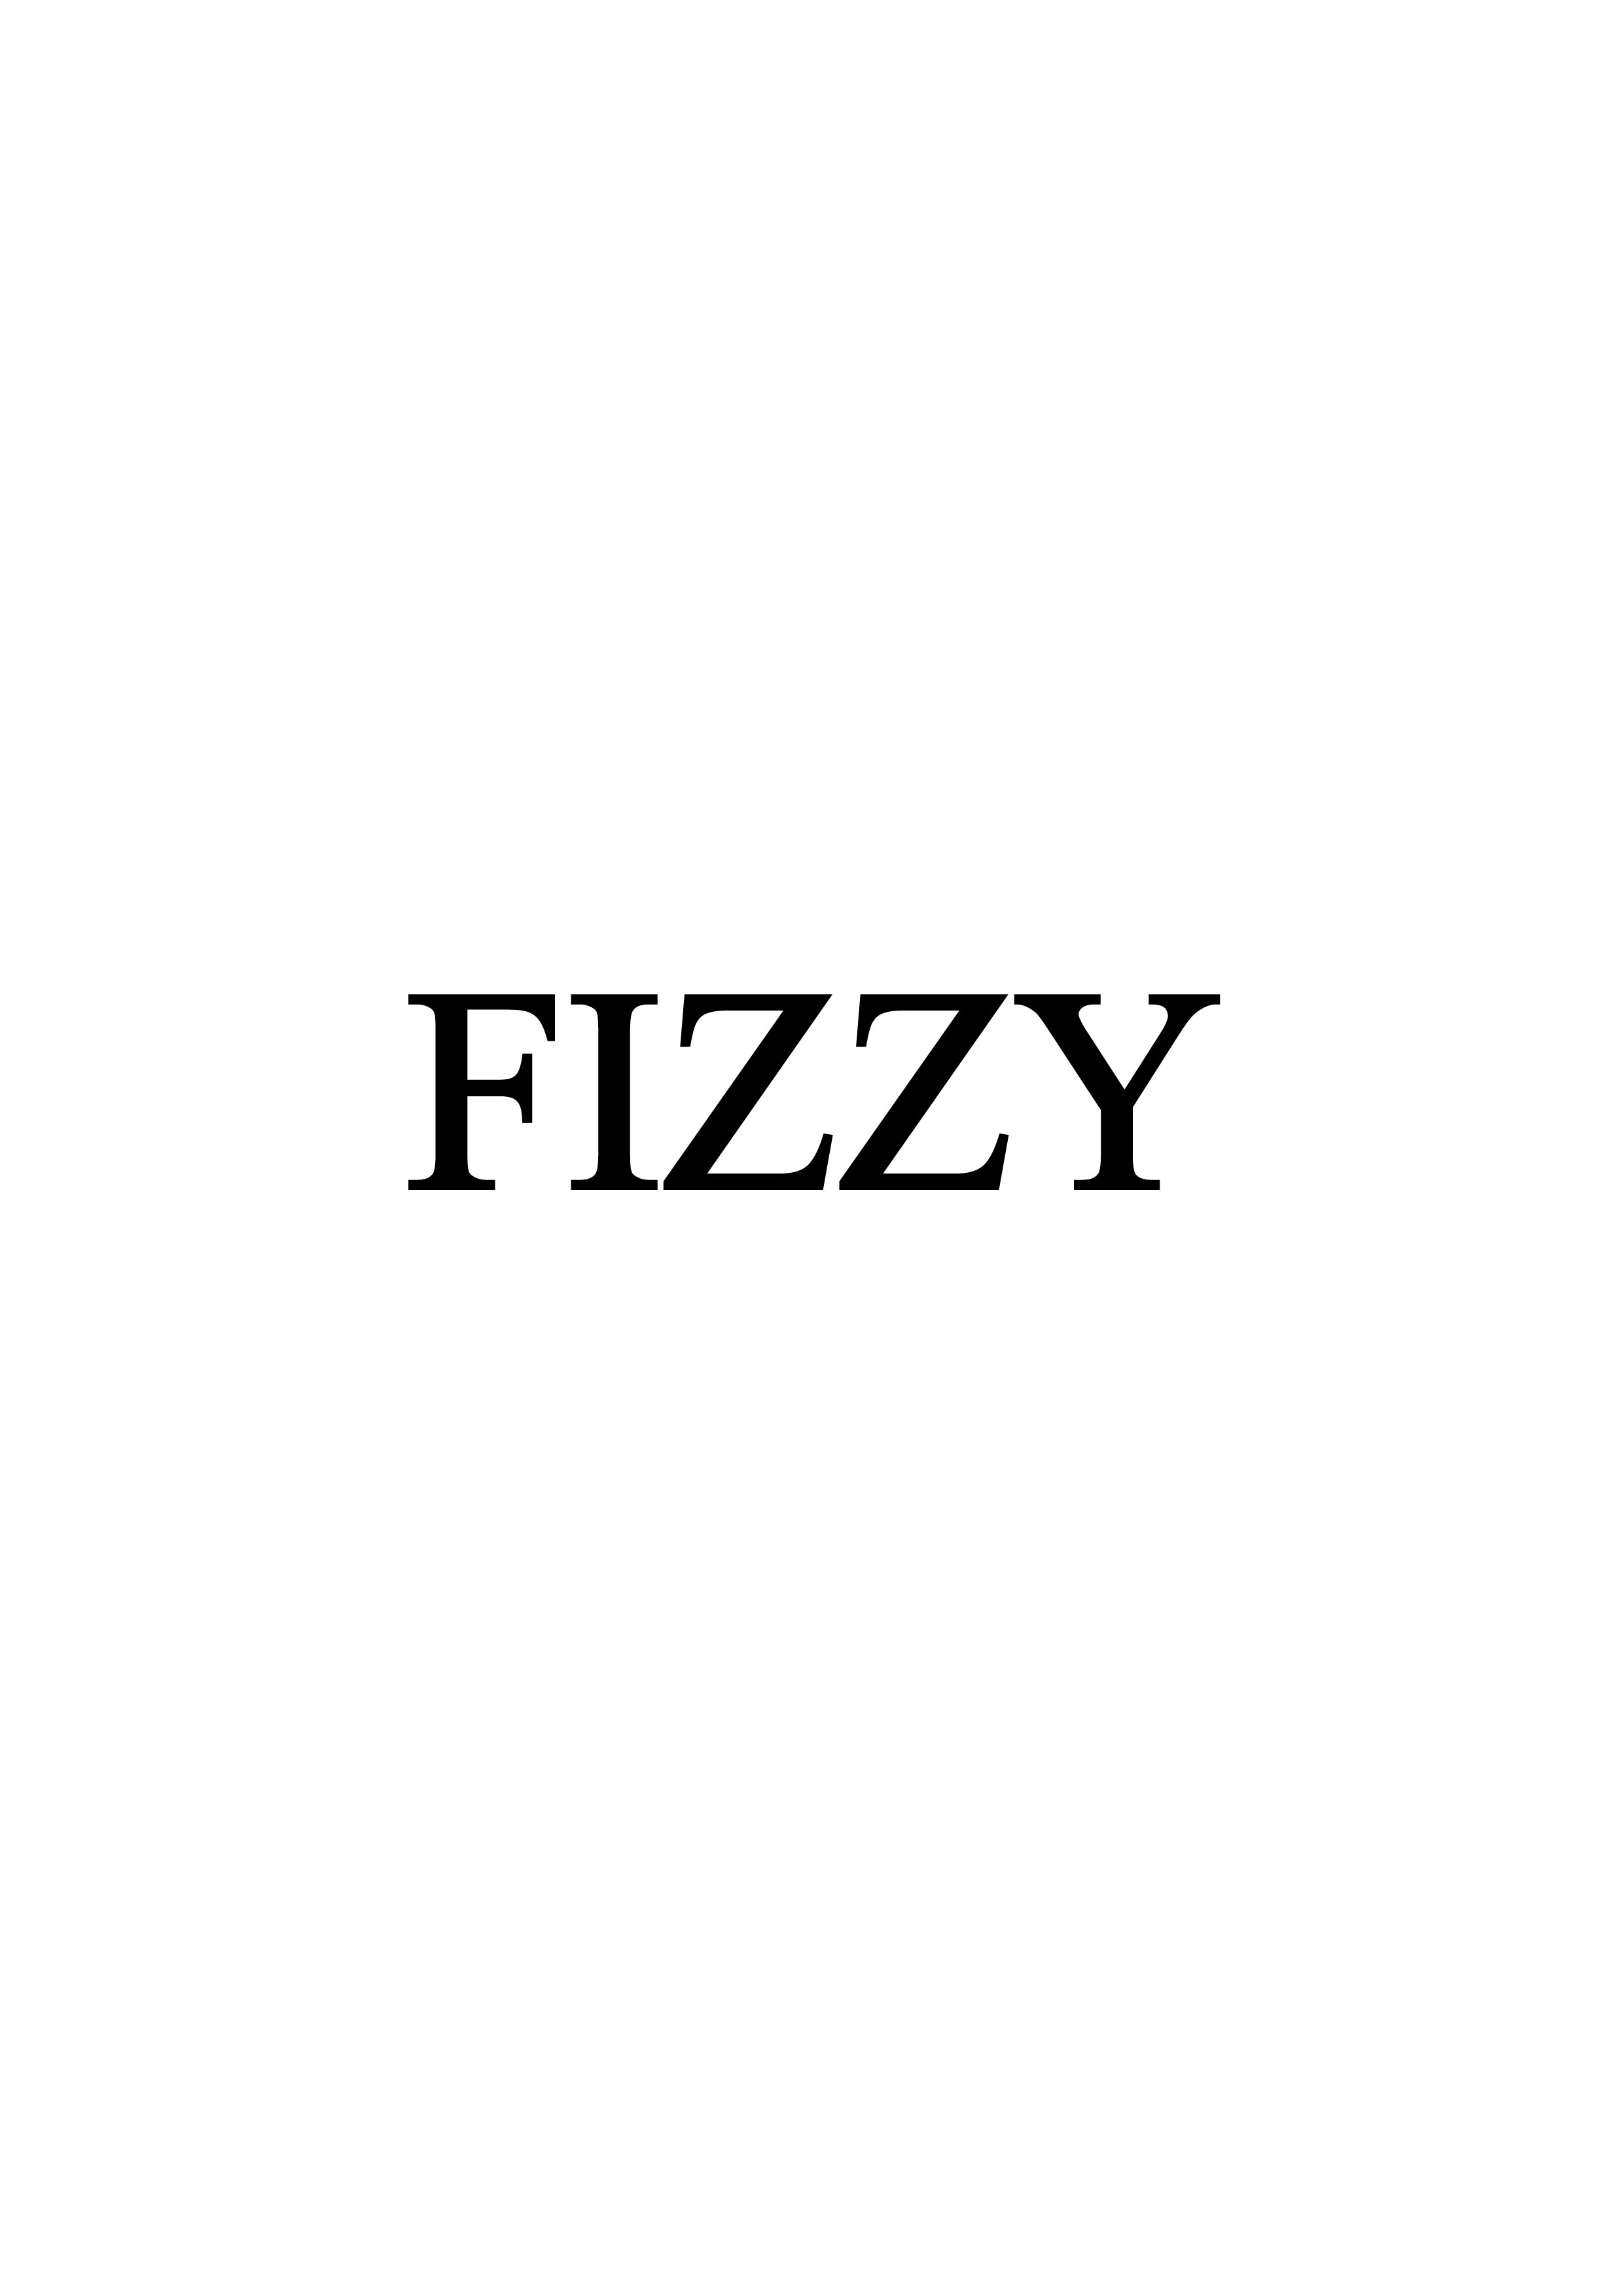 FIZZY